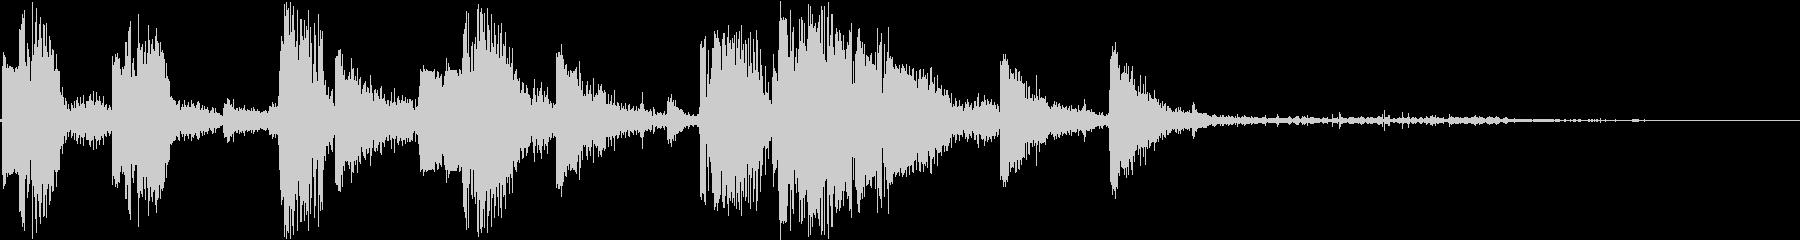 DJ効果音 ハイタッチの未再生の波形